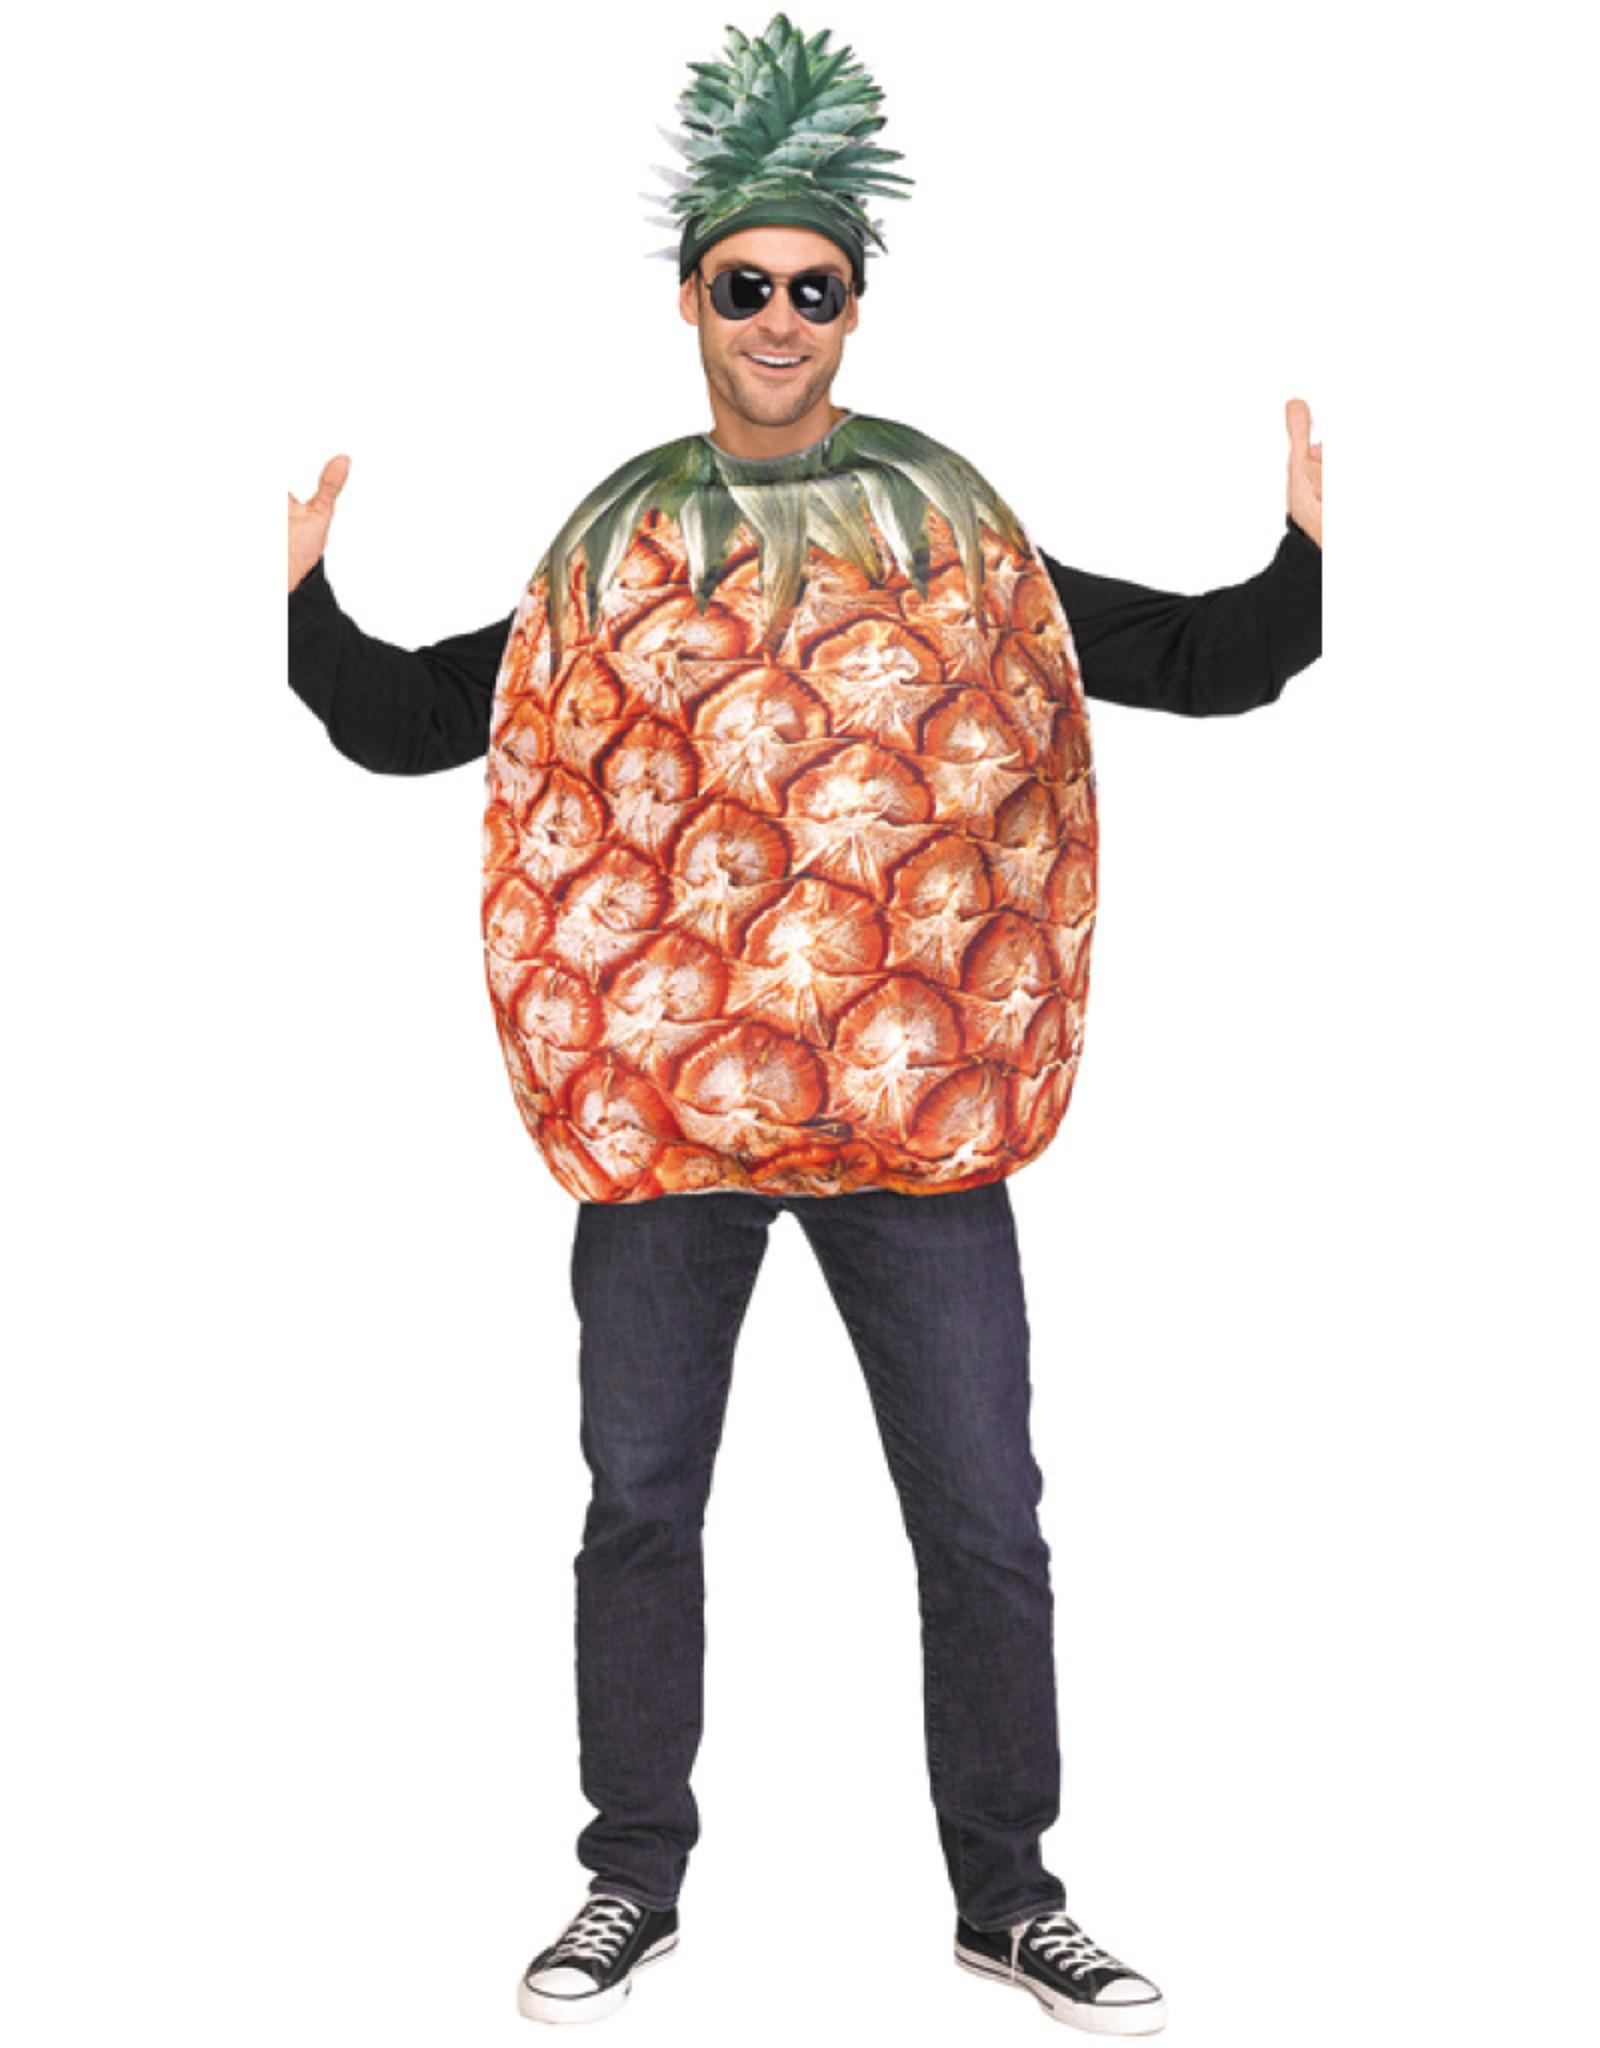 Pineapple Costume - Adult